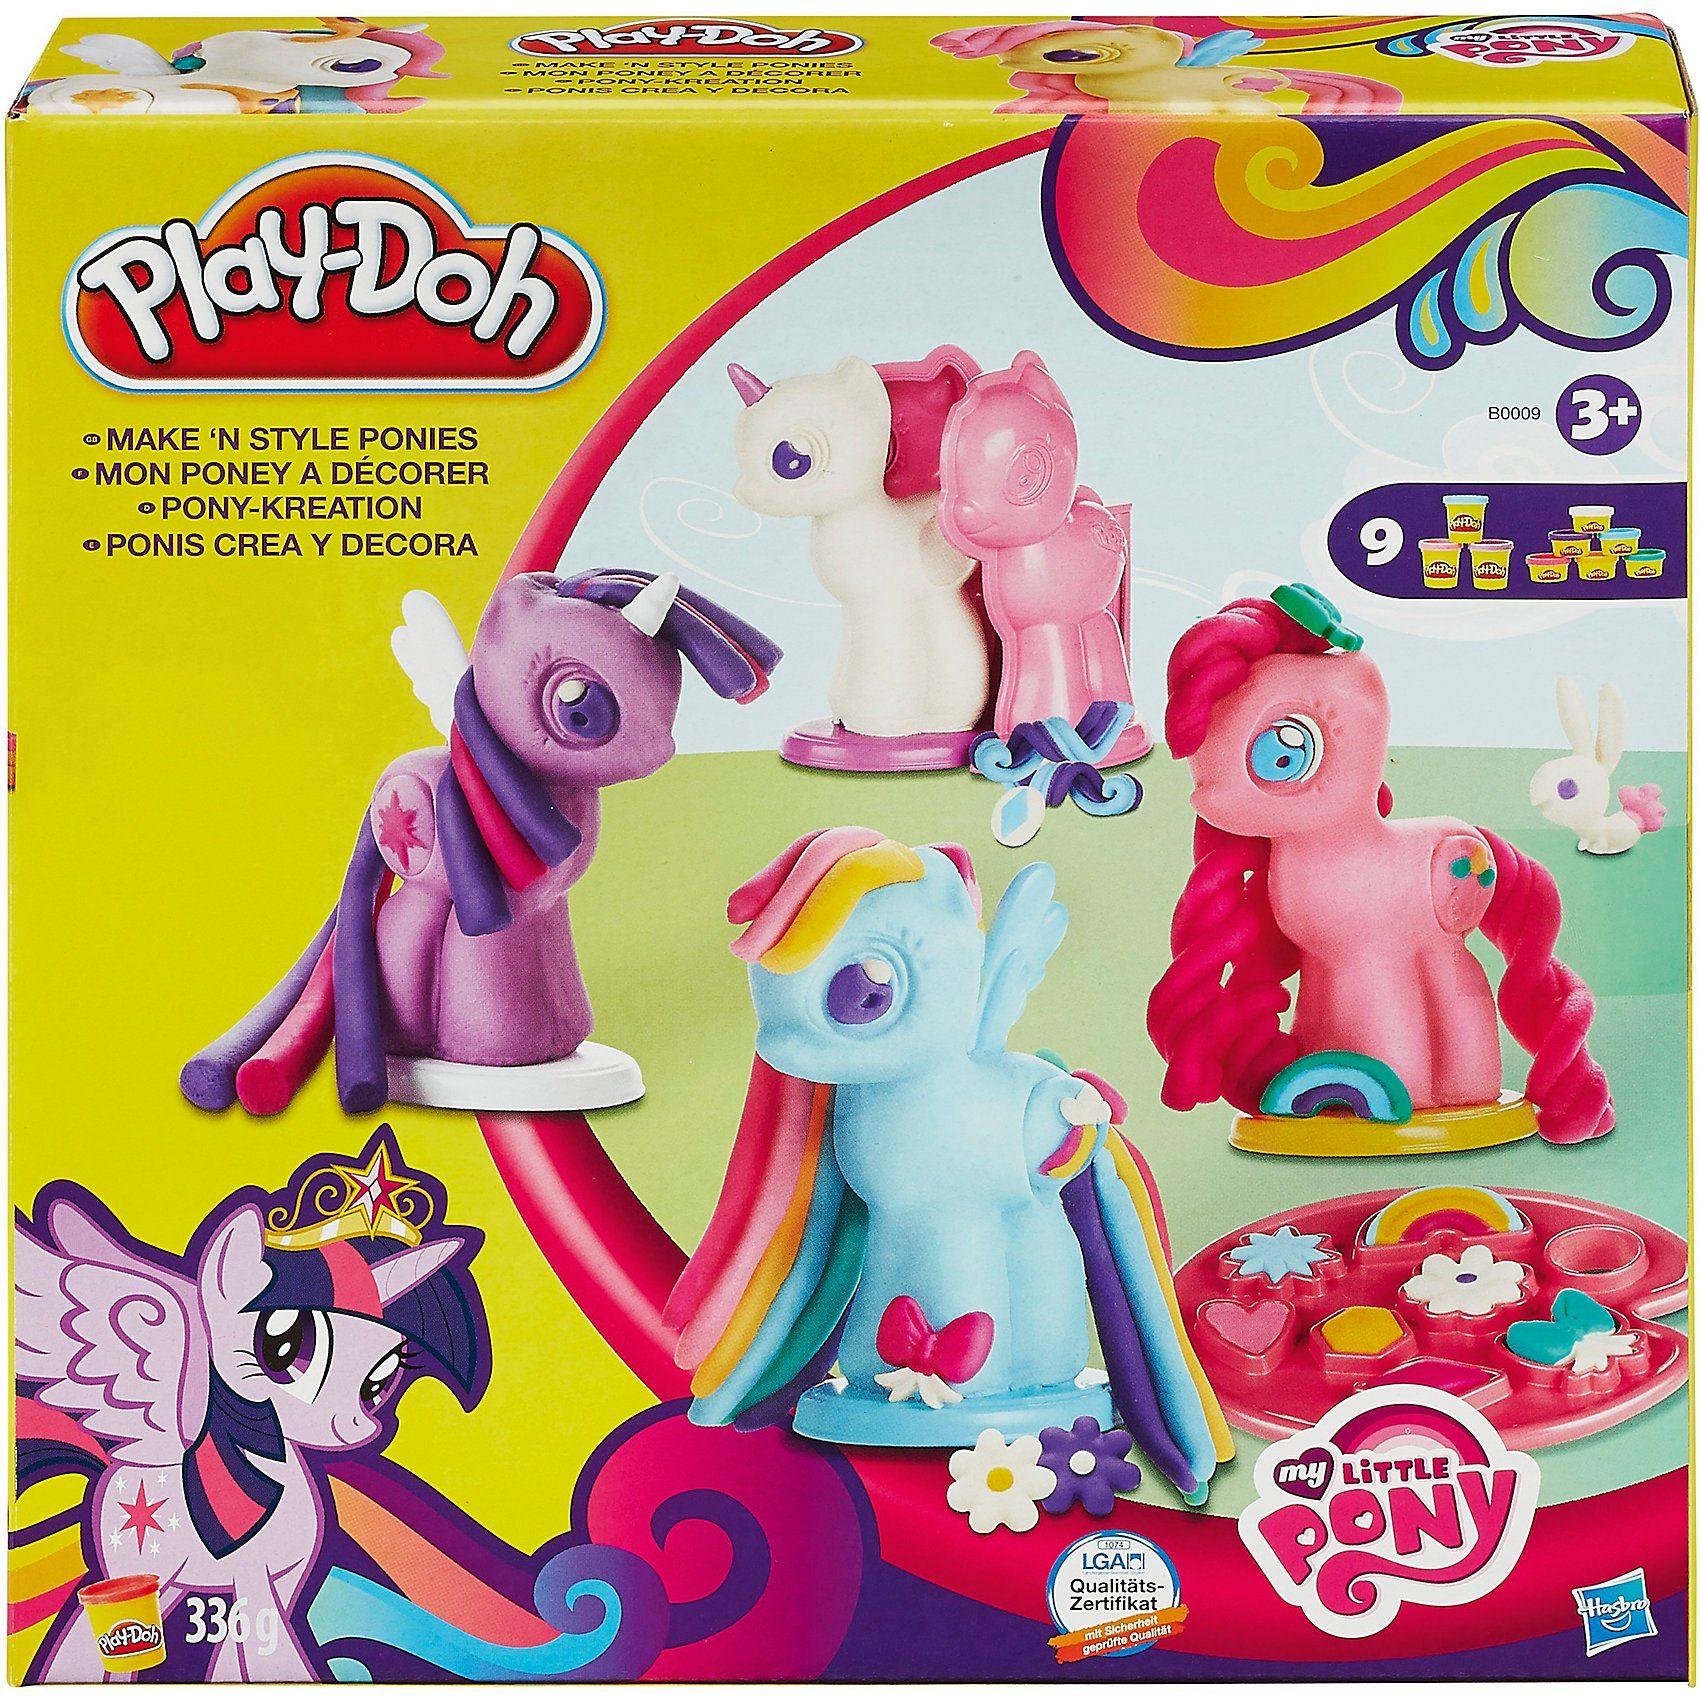 Hasbro Play-Doh My Little Pony Pony-Kreation